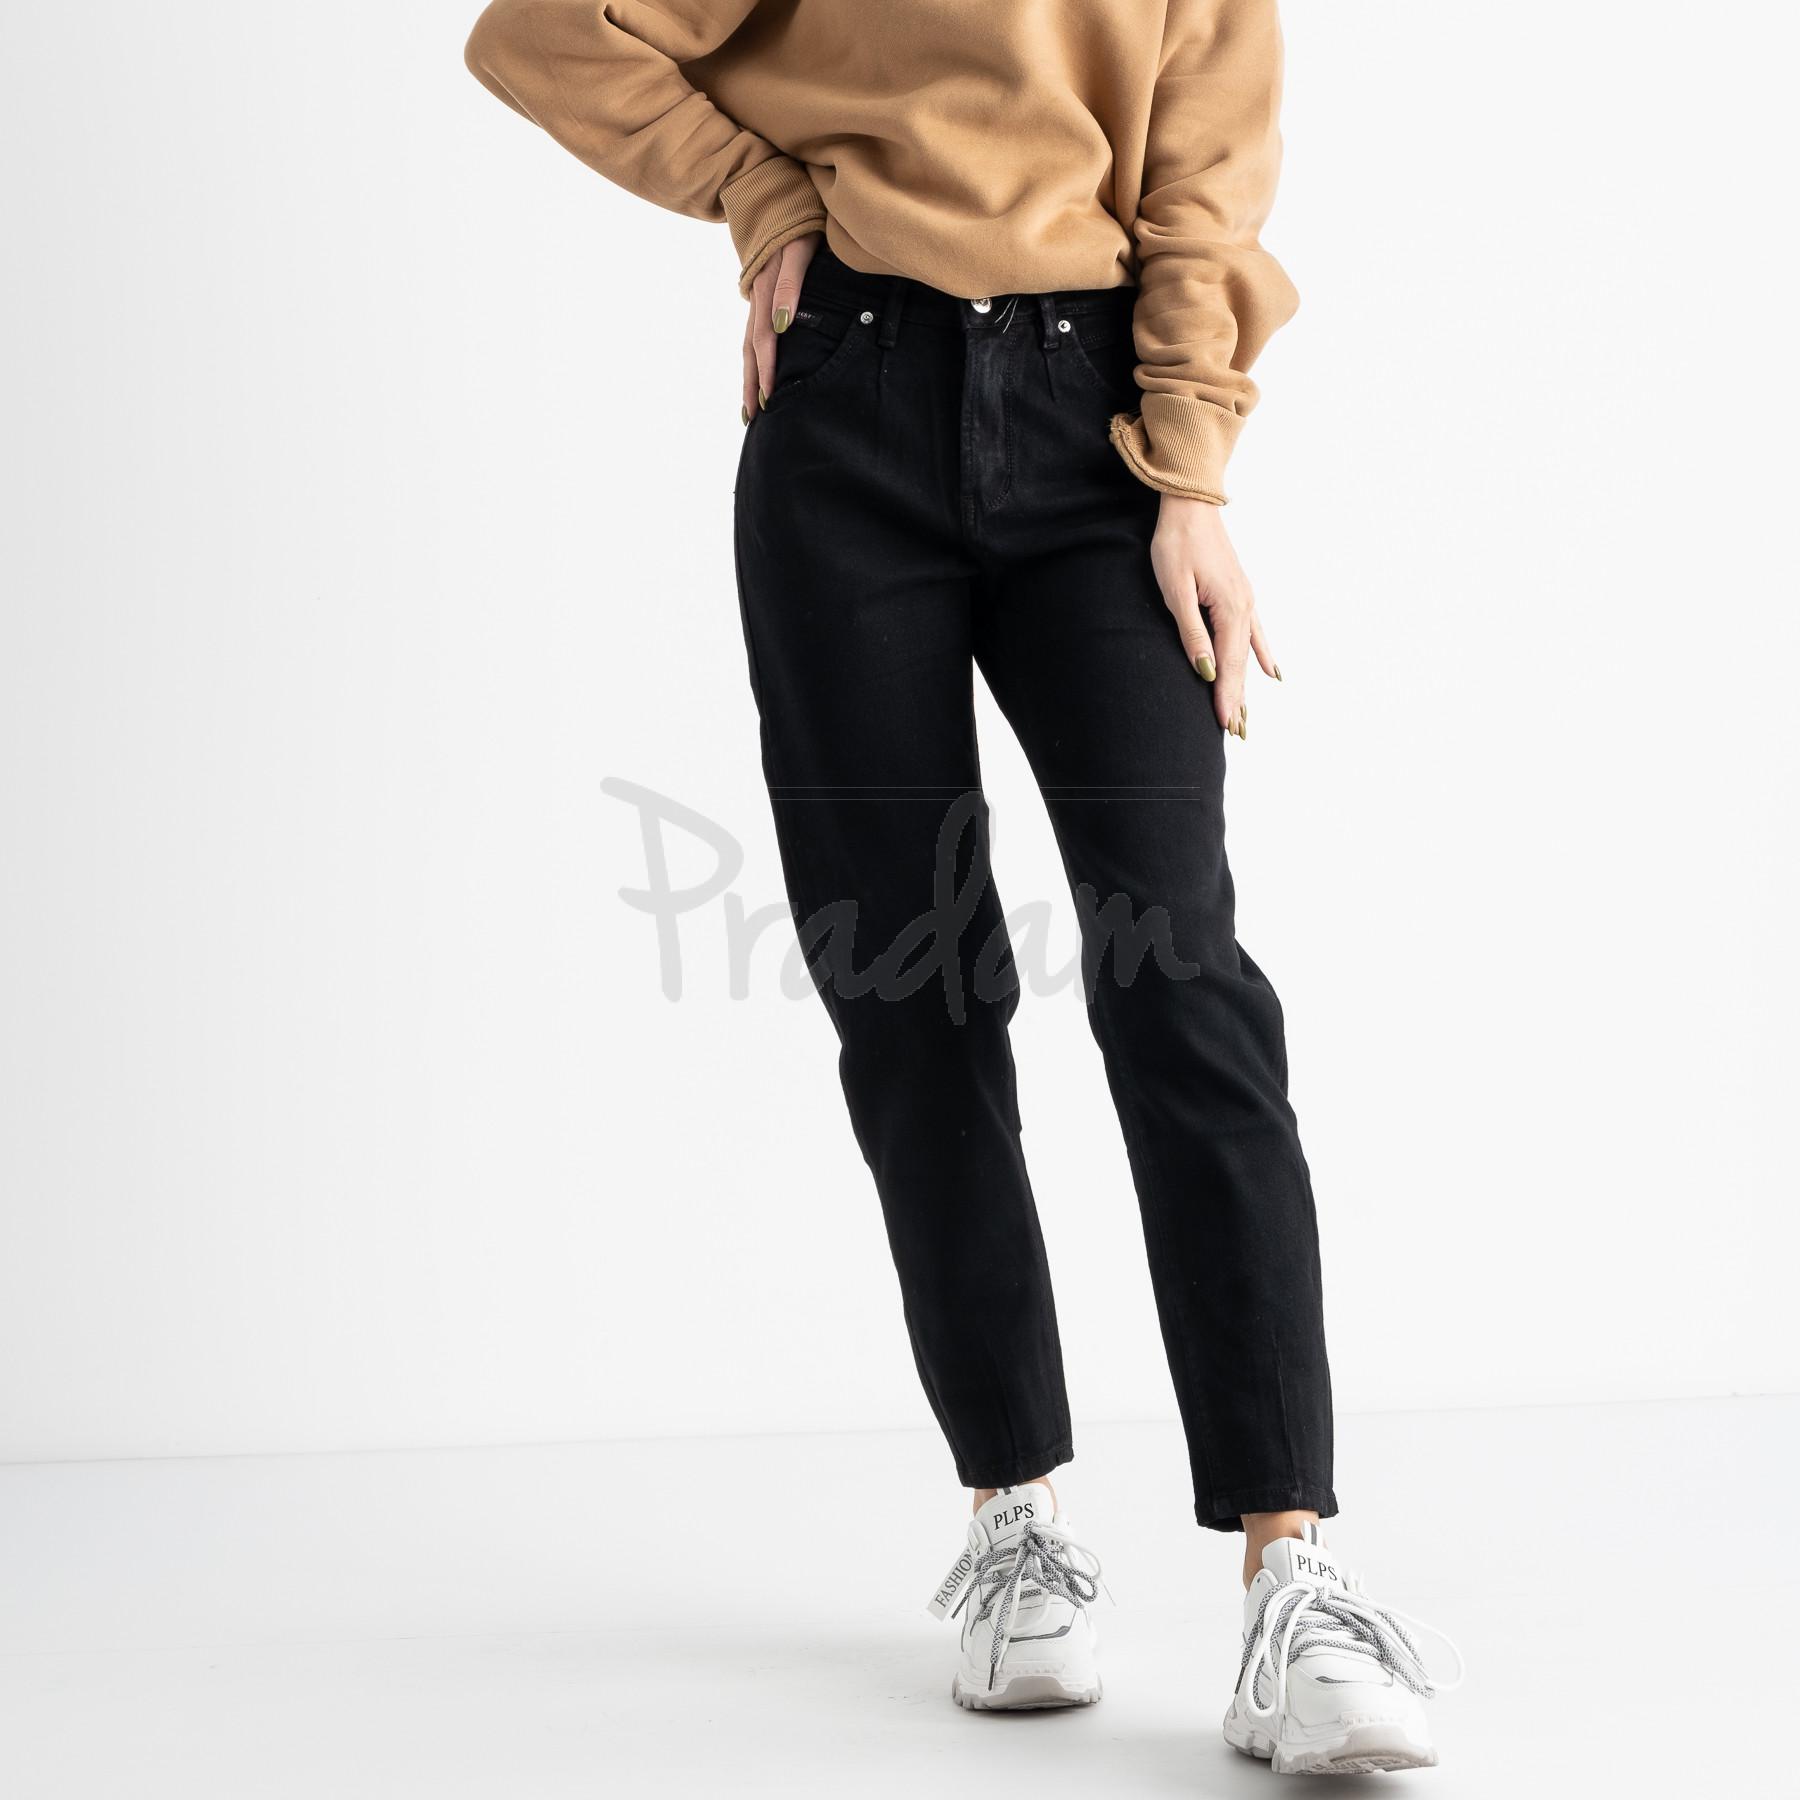 0944-5 Relucky джинсы-слоучи на байке черные стрейчевые (6 ед. размеры: 25.26.27.28.29.30)